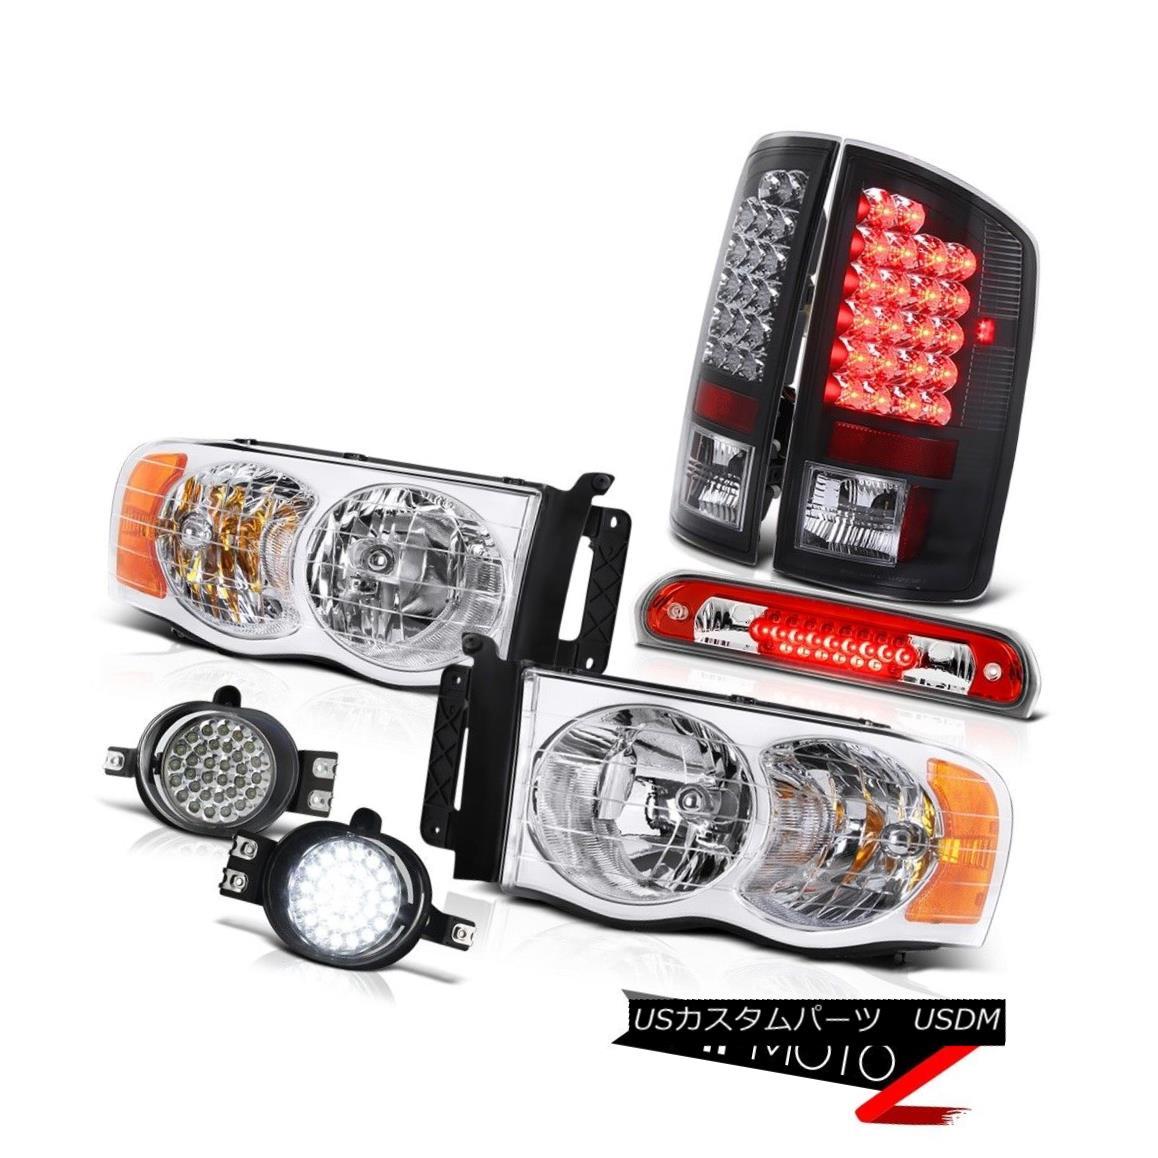 テールライト 2002-2005 Ram V8 Pair Chrome Headlights Black LED Taillights Trim Fog High Brake 2002-2005 Ram V8ペアクロームヘッドライトブラックLEDテールライトトリムフォグハイブレーキ